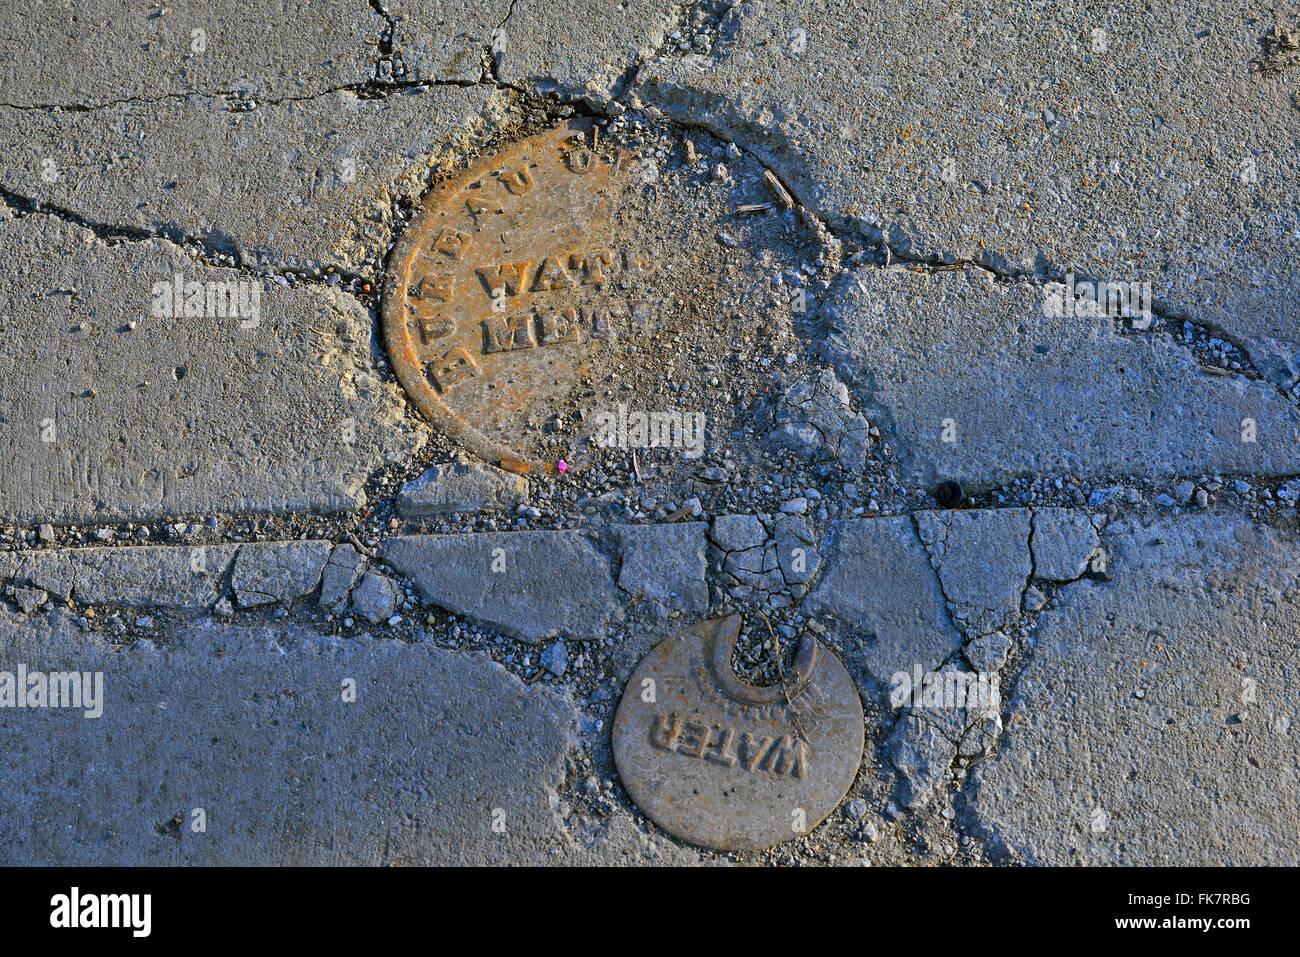 Water meter access in sidewalk - Stock Image